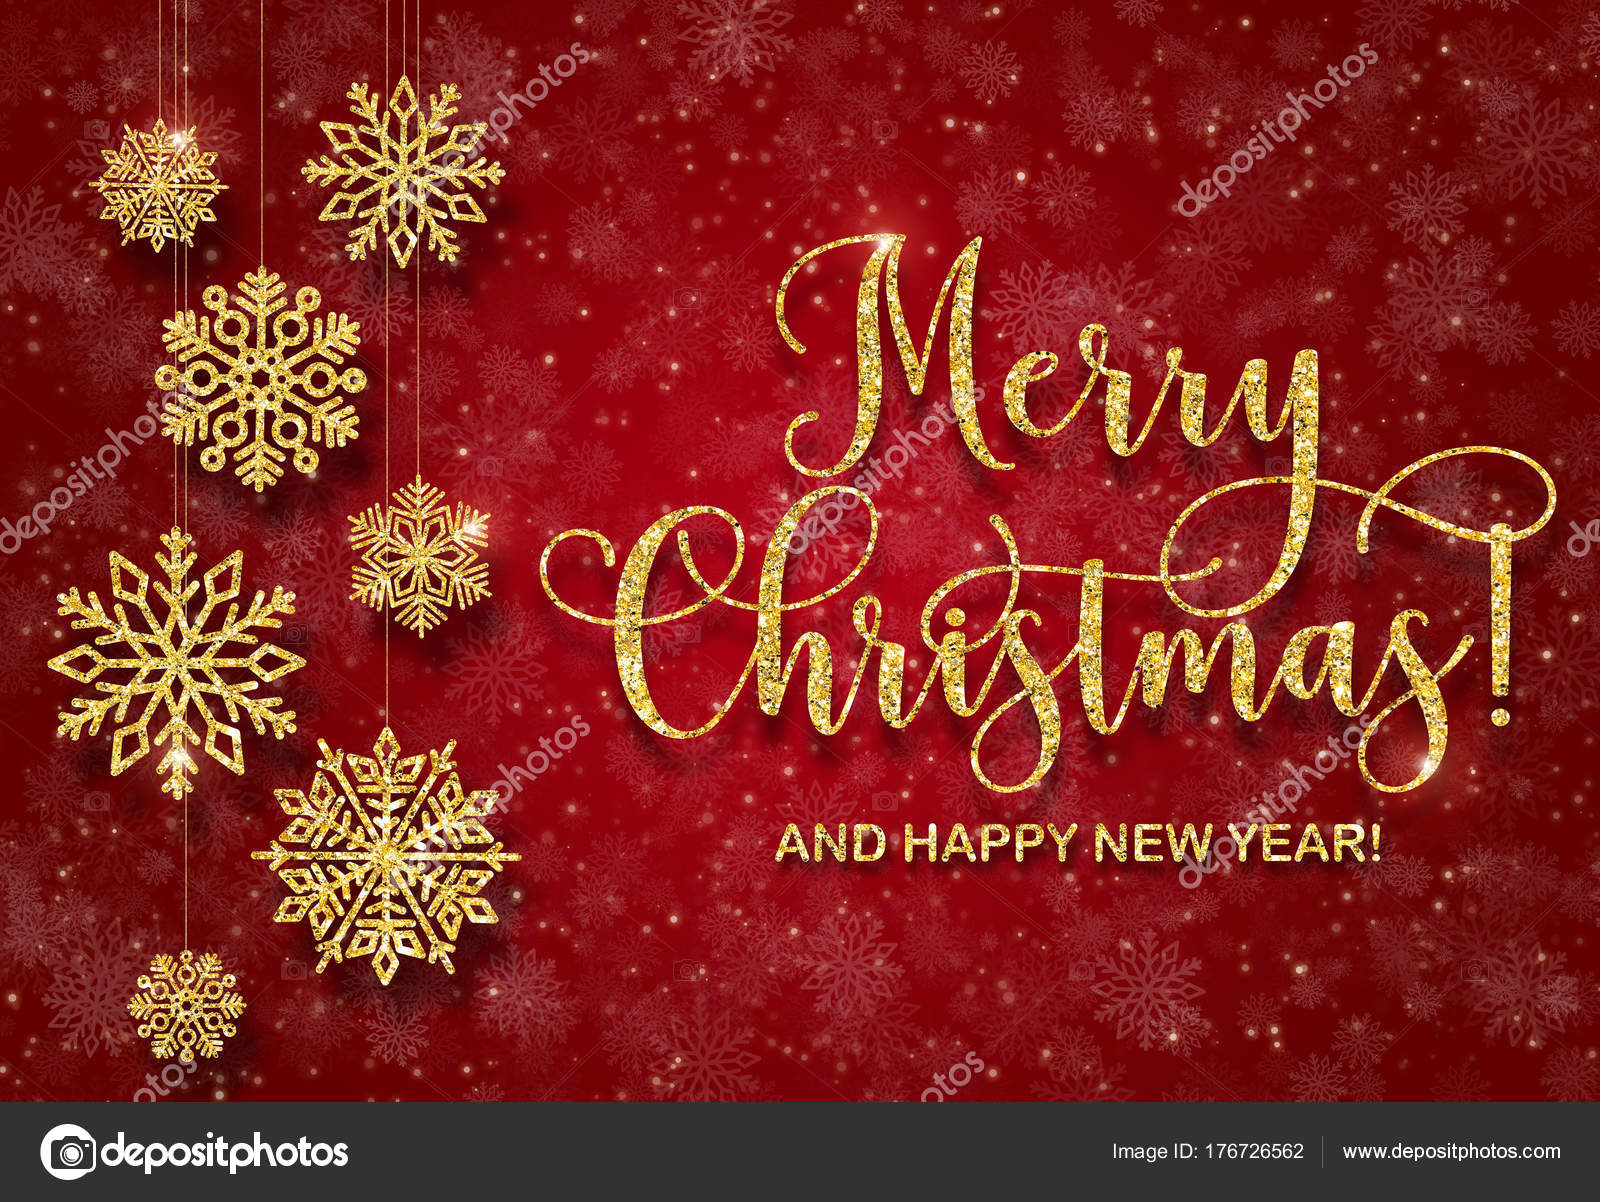 Frasi Auguri Buon Natale E Felice Anno Nuovo.Cartolina D Auguri Con Il Testo D Oro Su Sfondo Rosso